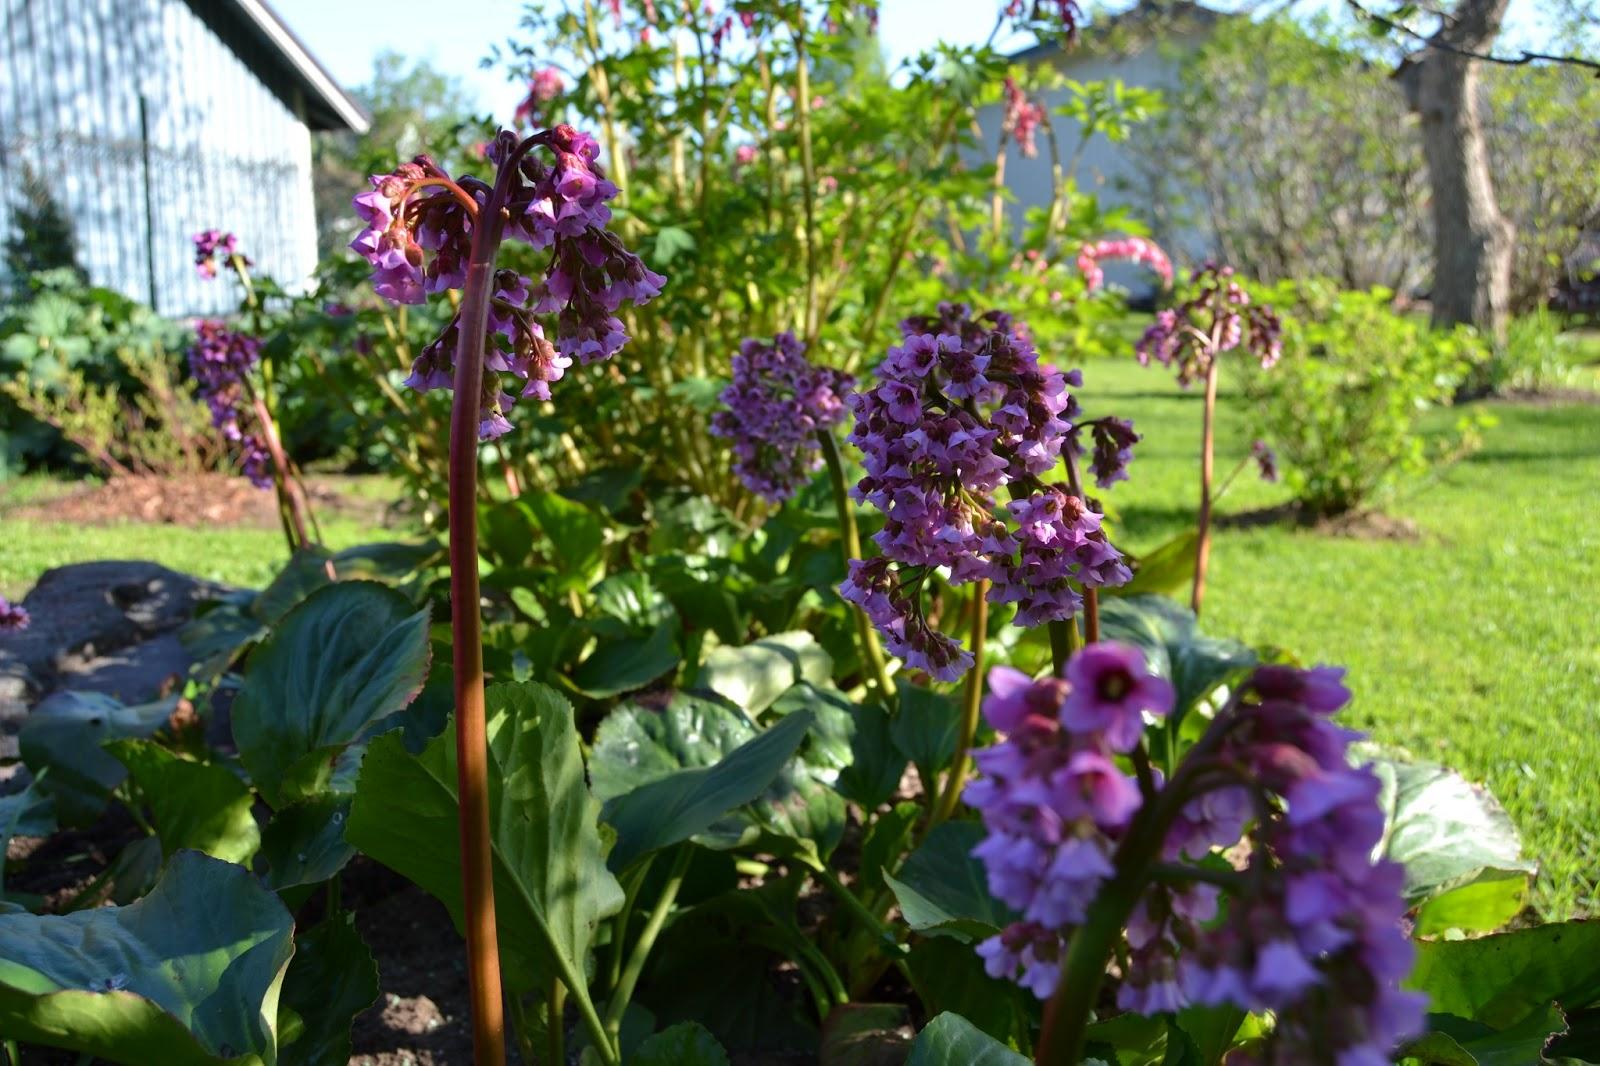 Aurinkoista puutarhaviikkoa! – Sunny gardening week!